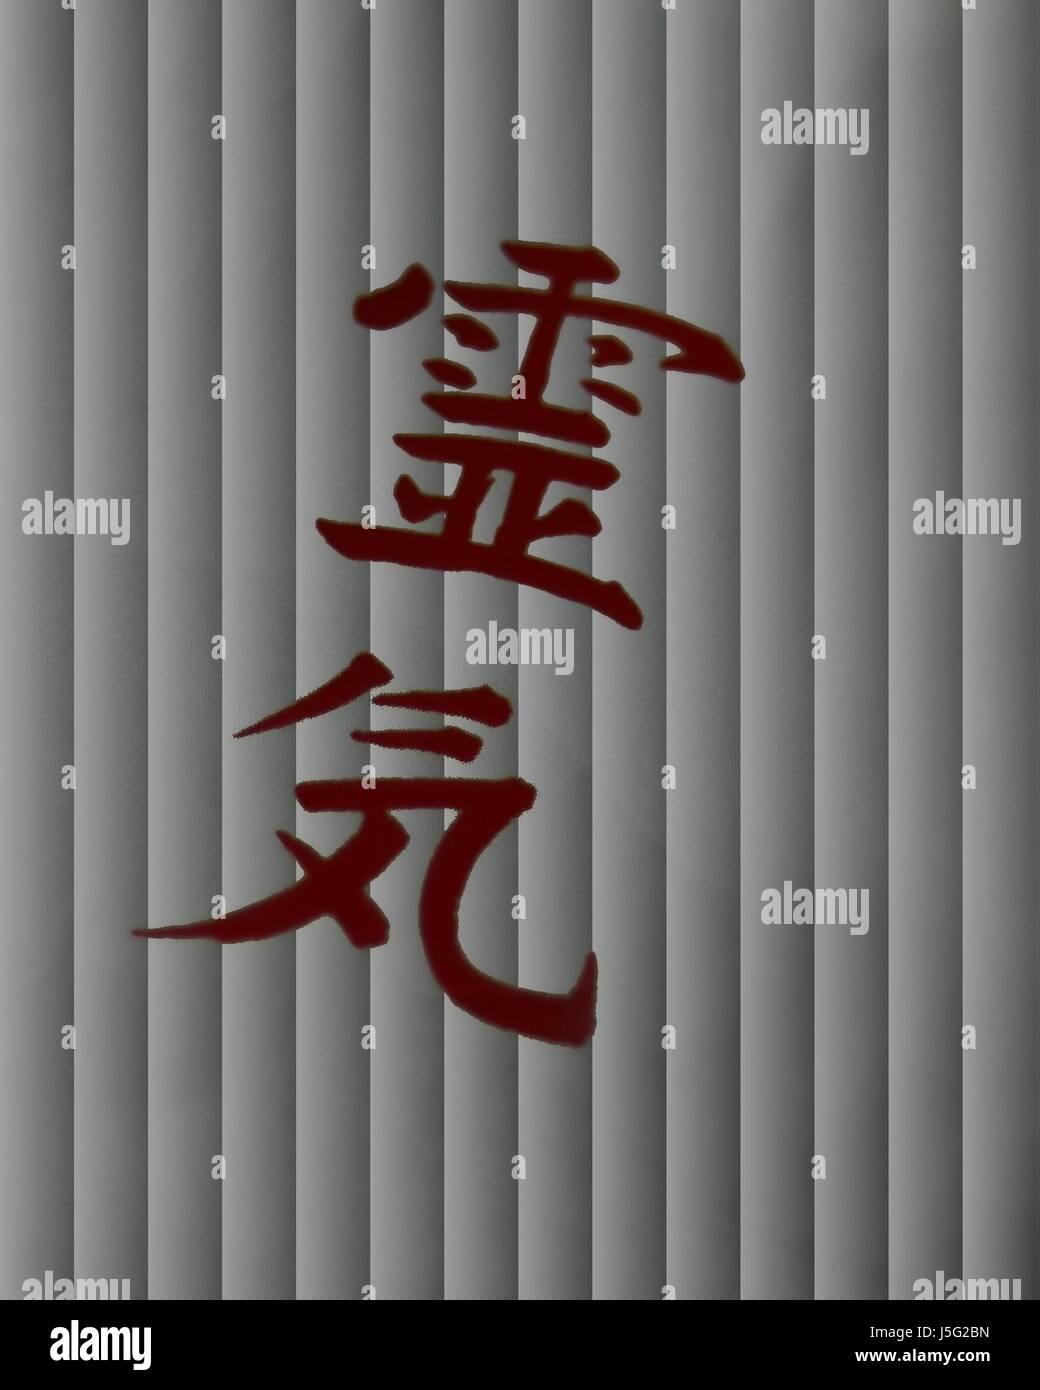 Usui reiki stock photos usui reiki stock images alamy reiki symbol in neujapanischer font stock image biocorpaavc